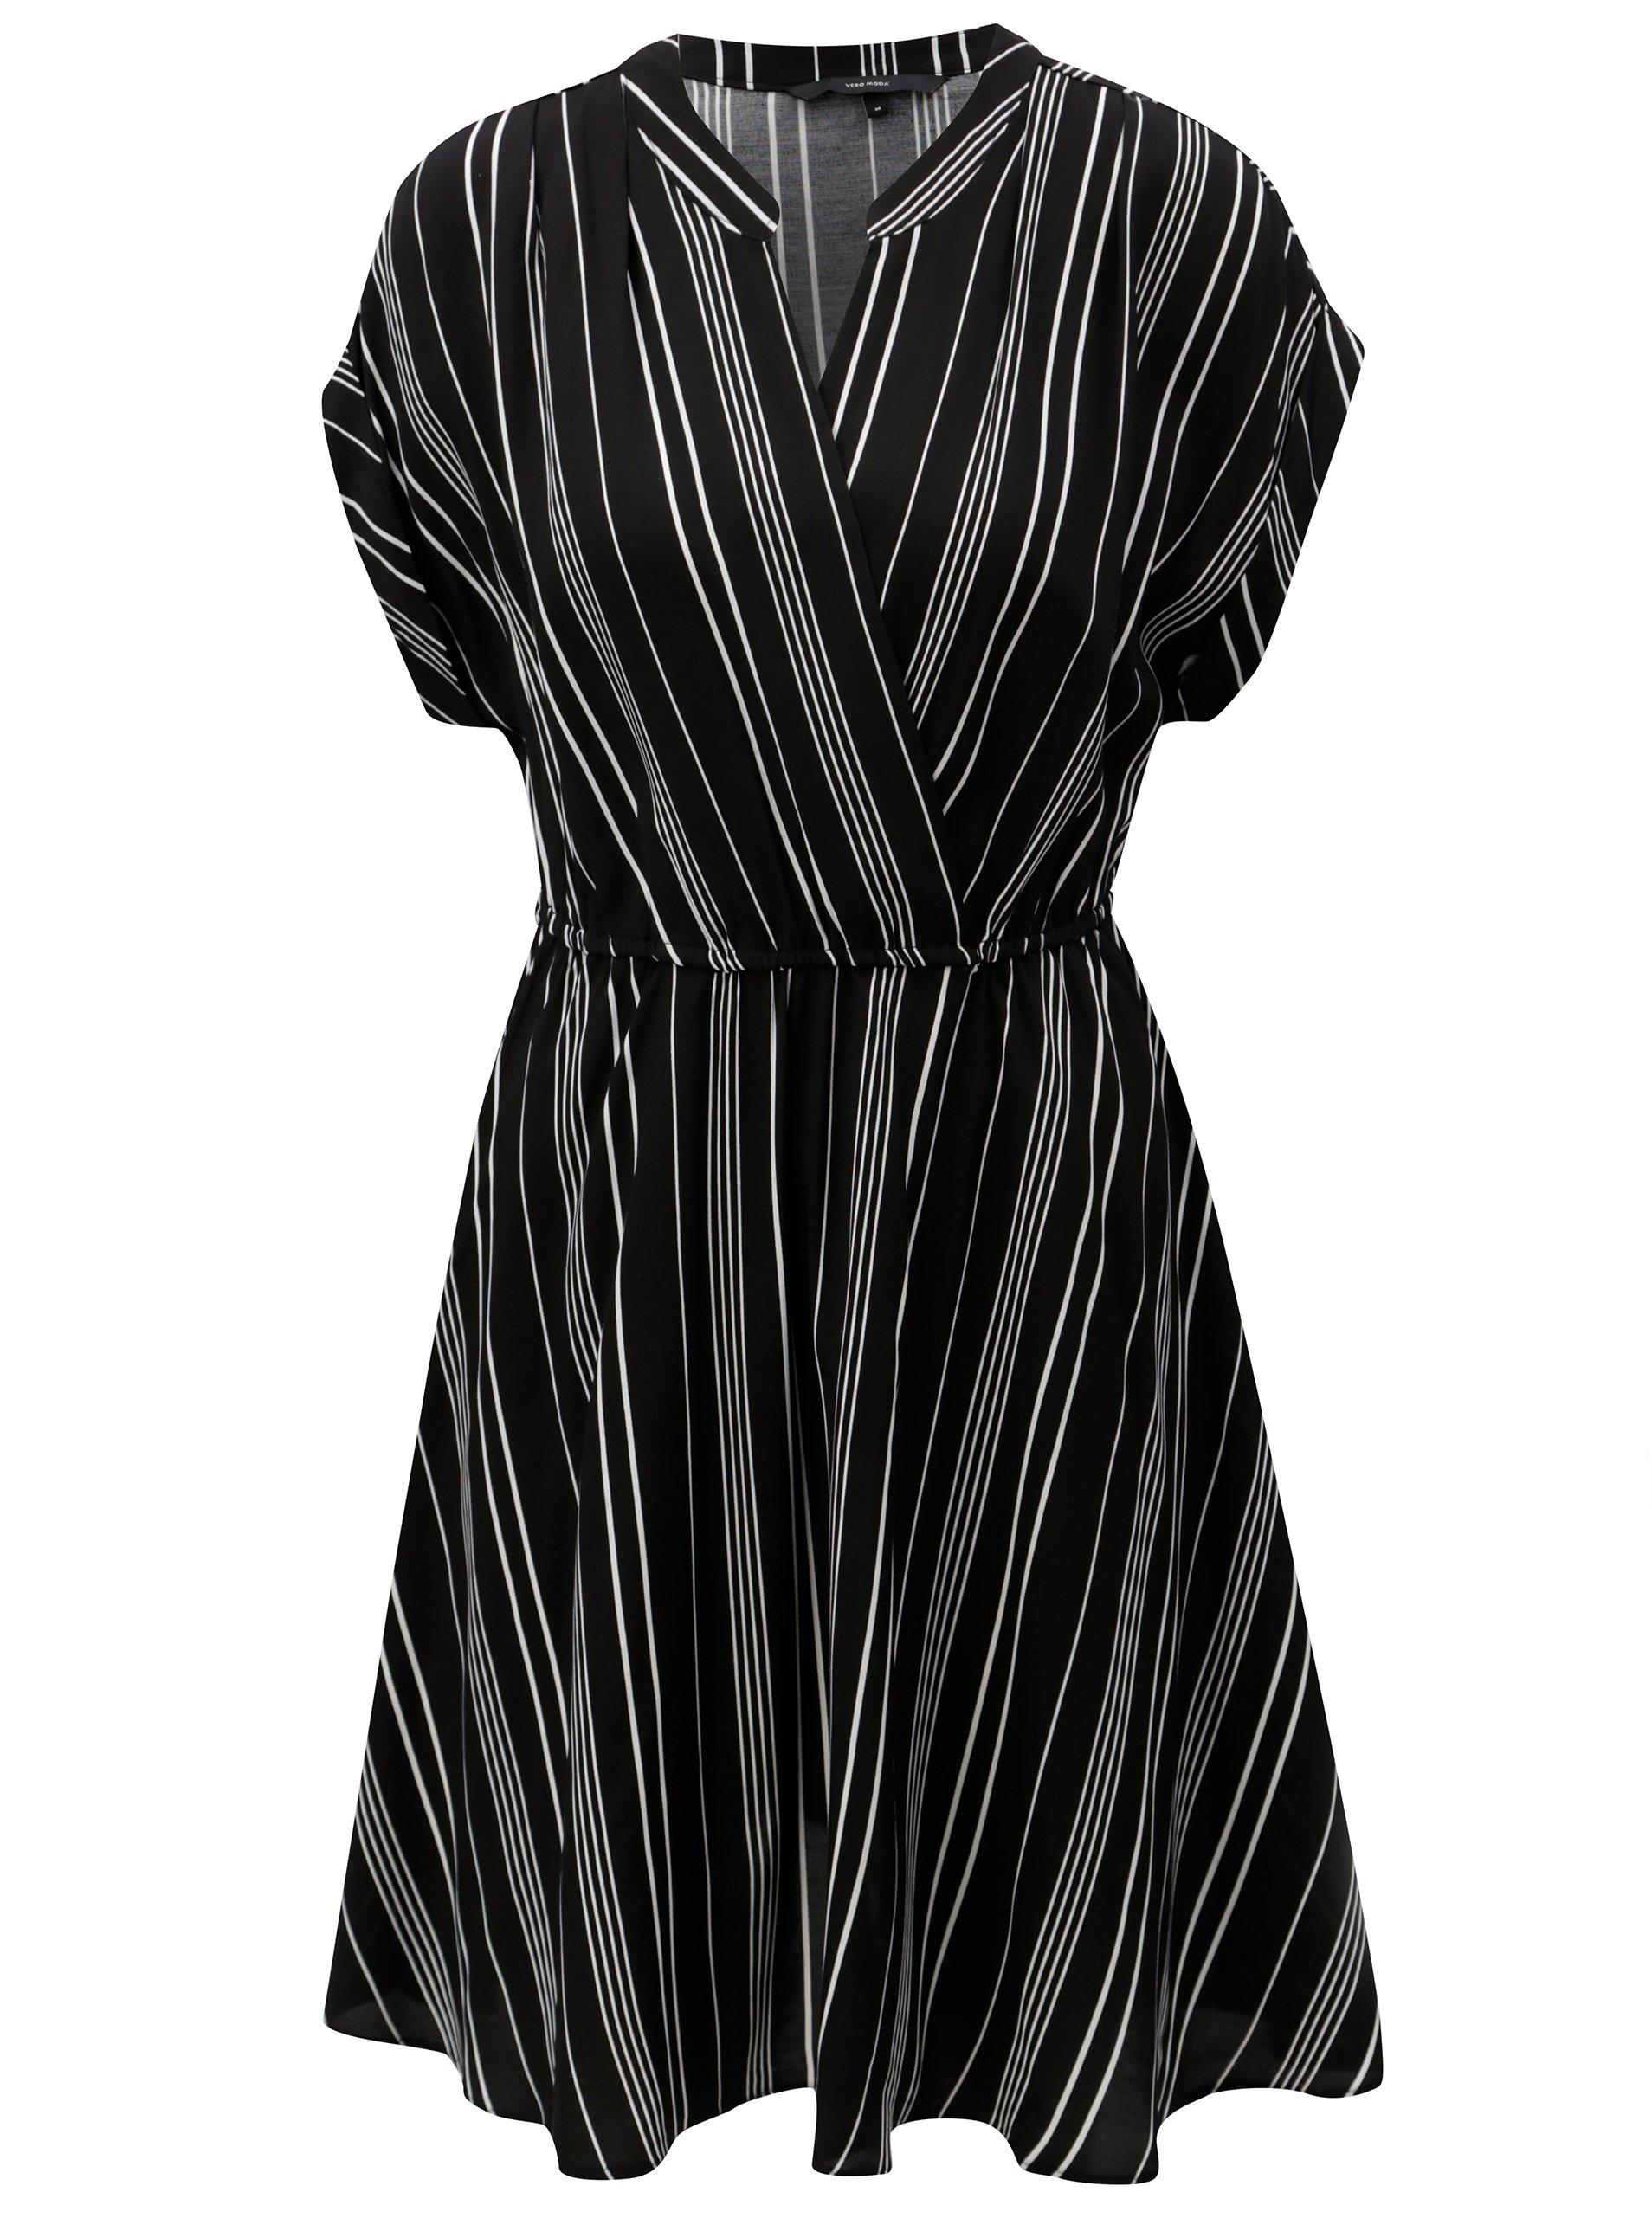 Černé pruhované šaty s překládaným výstřihem VERO MODA Laura